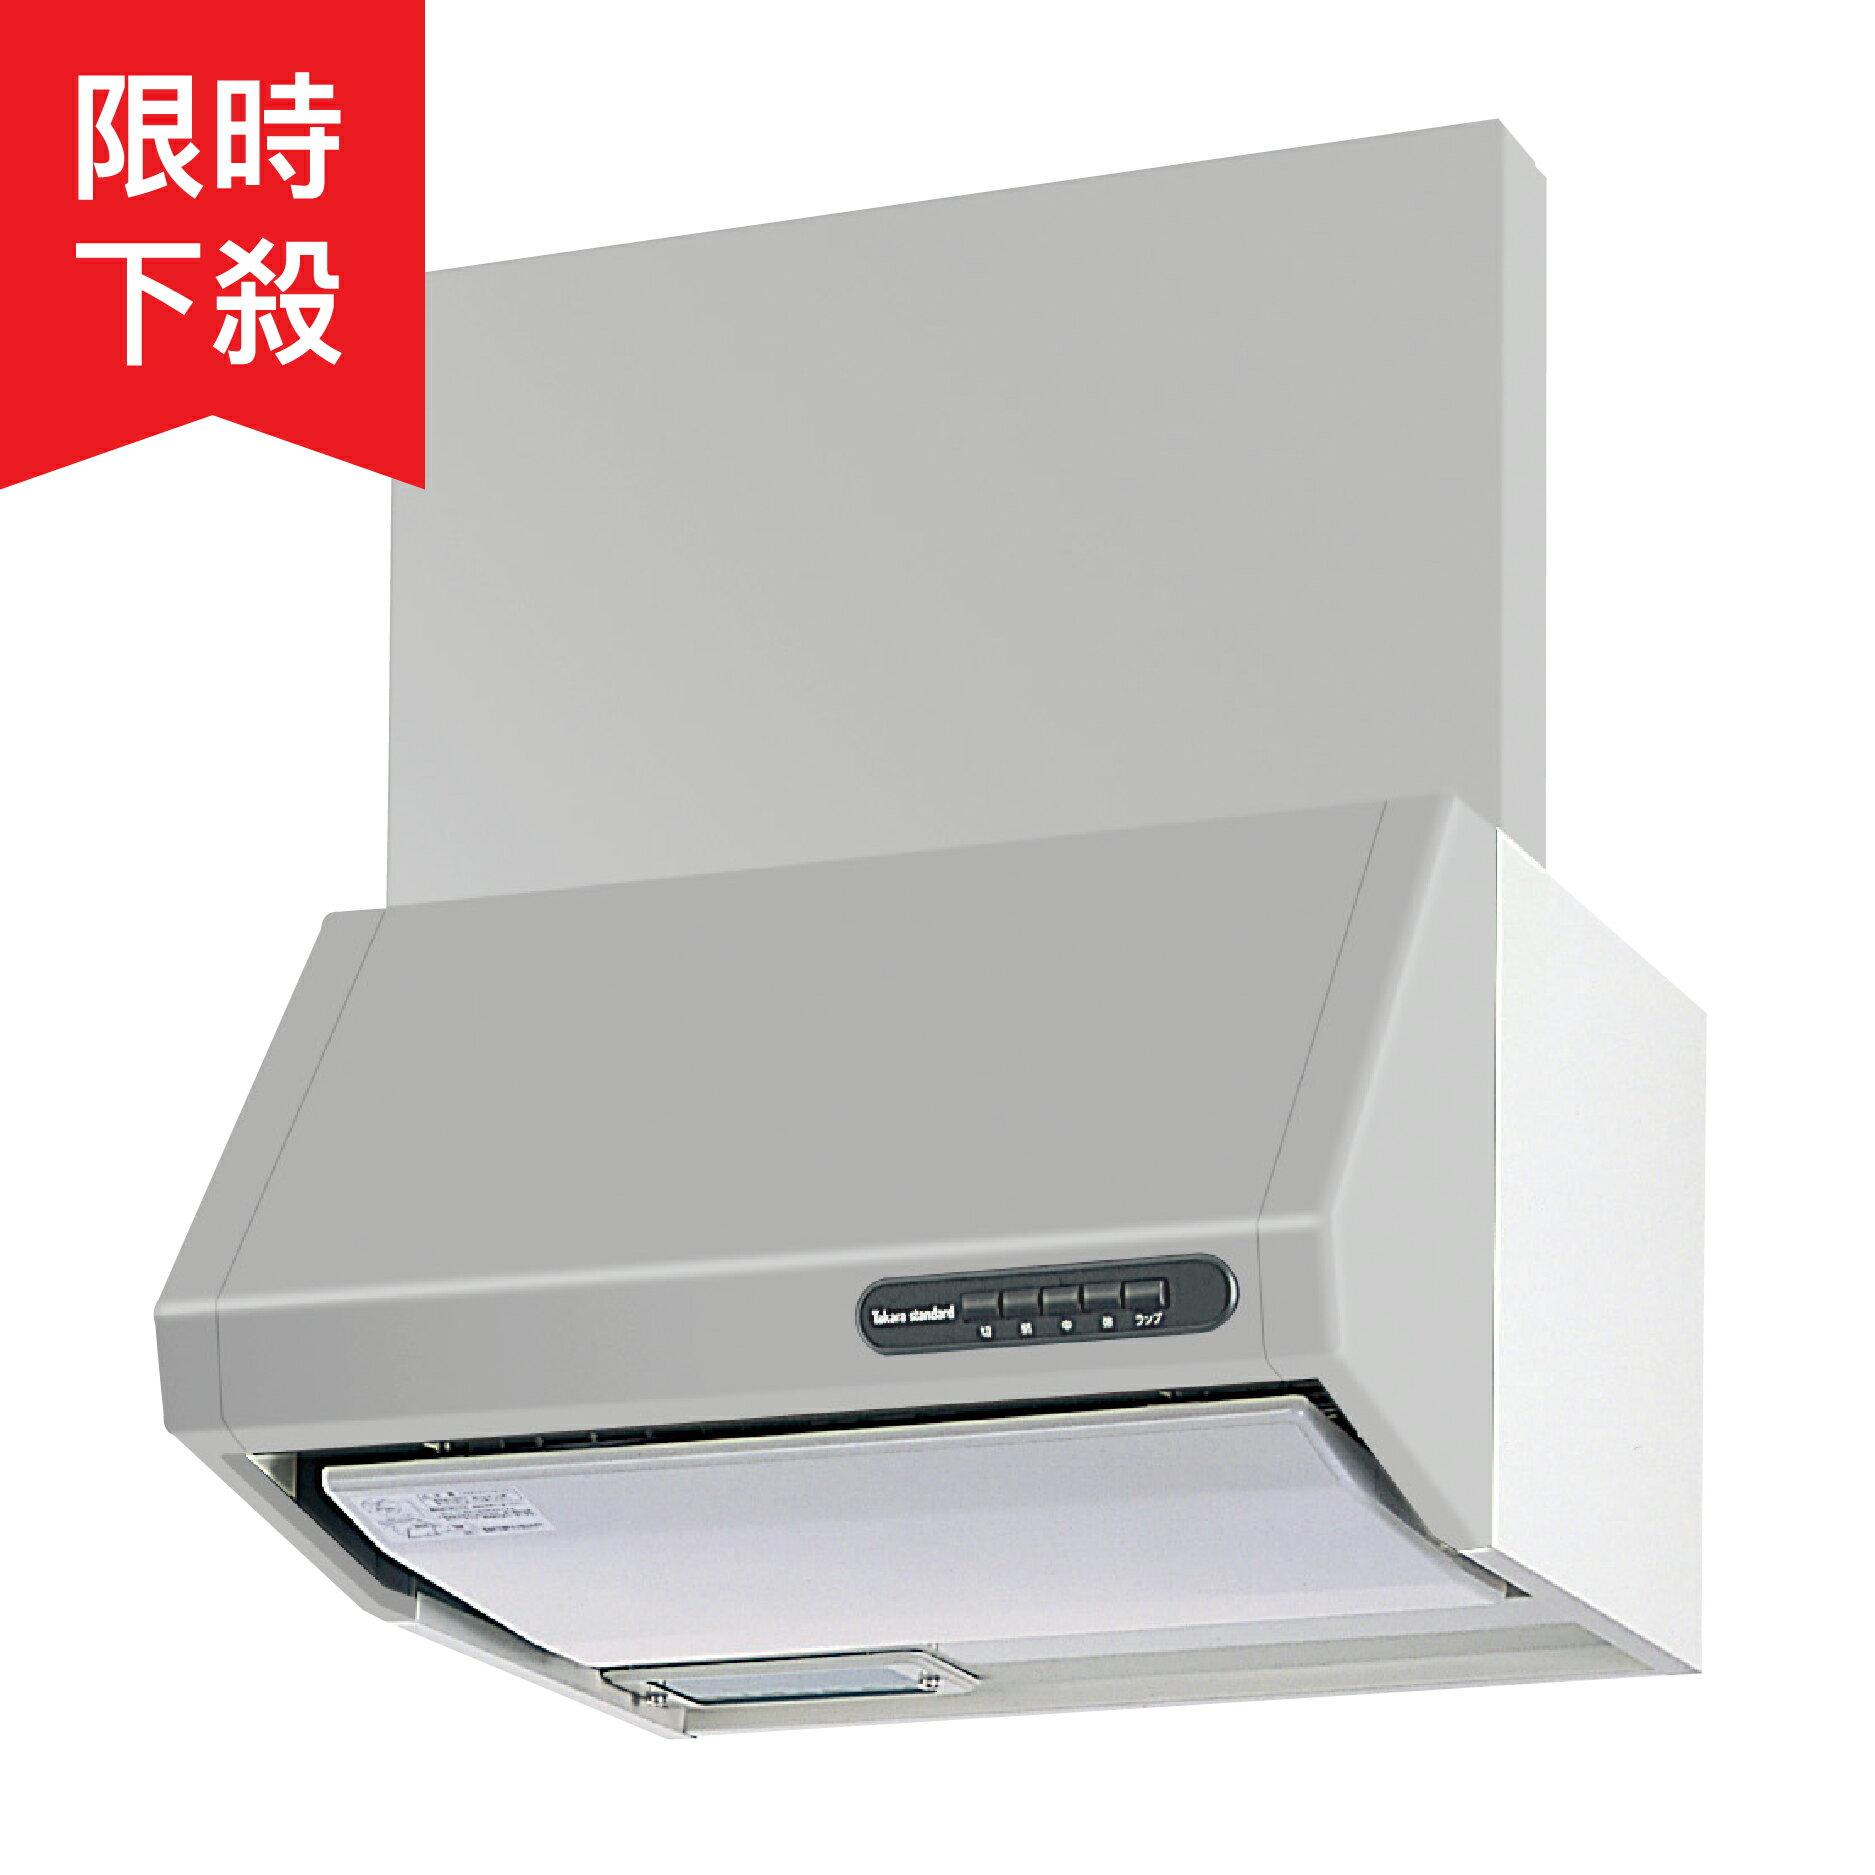 【預購】日本廚房用家電-Takara Standard 靜音環吸排油煙機【RUS75V】強大吸力,靜音除味,保持居家空氣清新